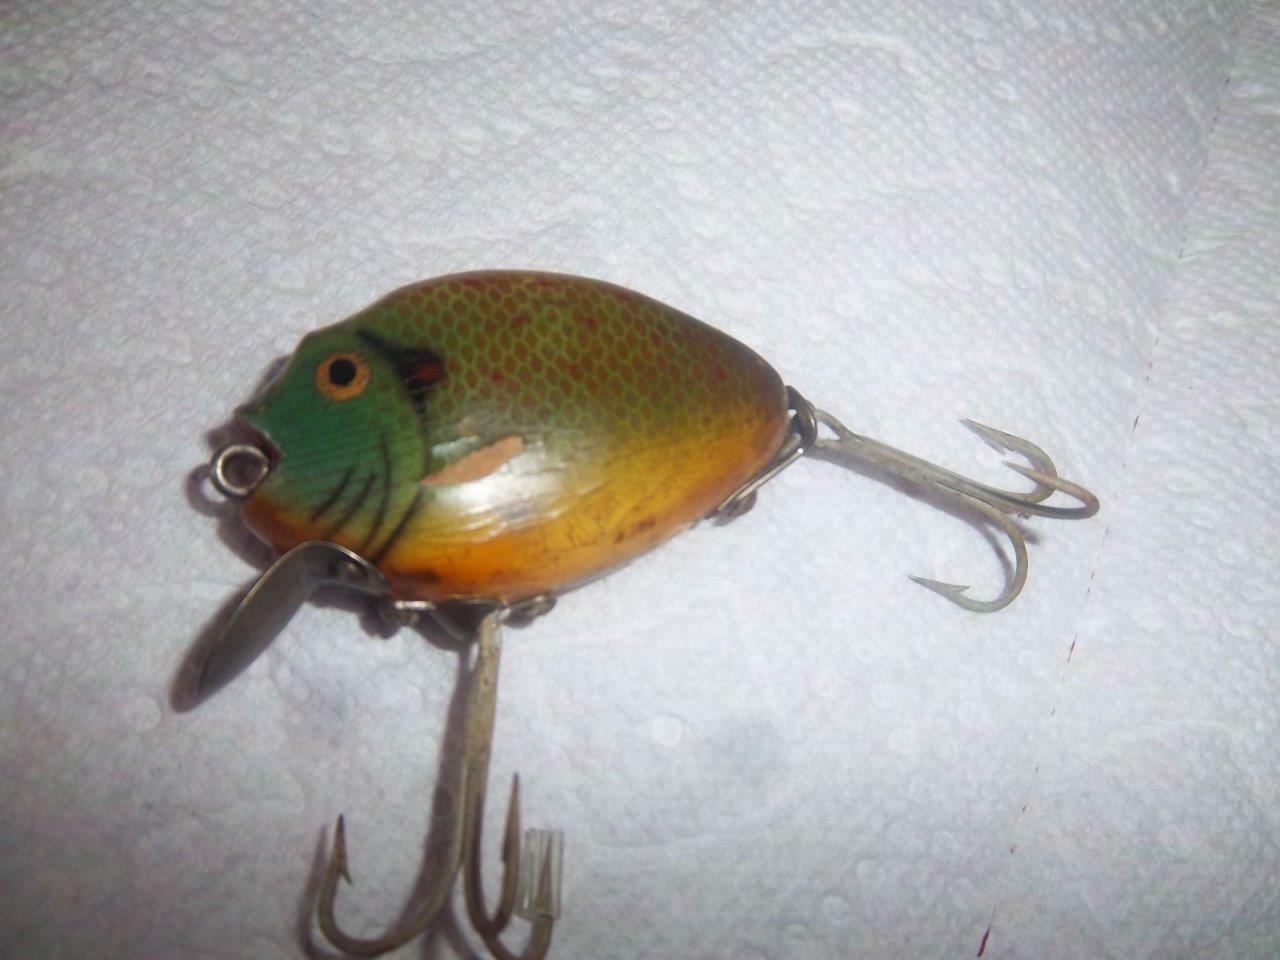 Vtg heddon wood punkinseed pesca tackle sinre lure